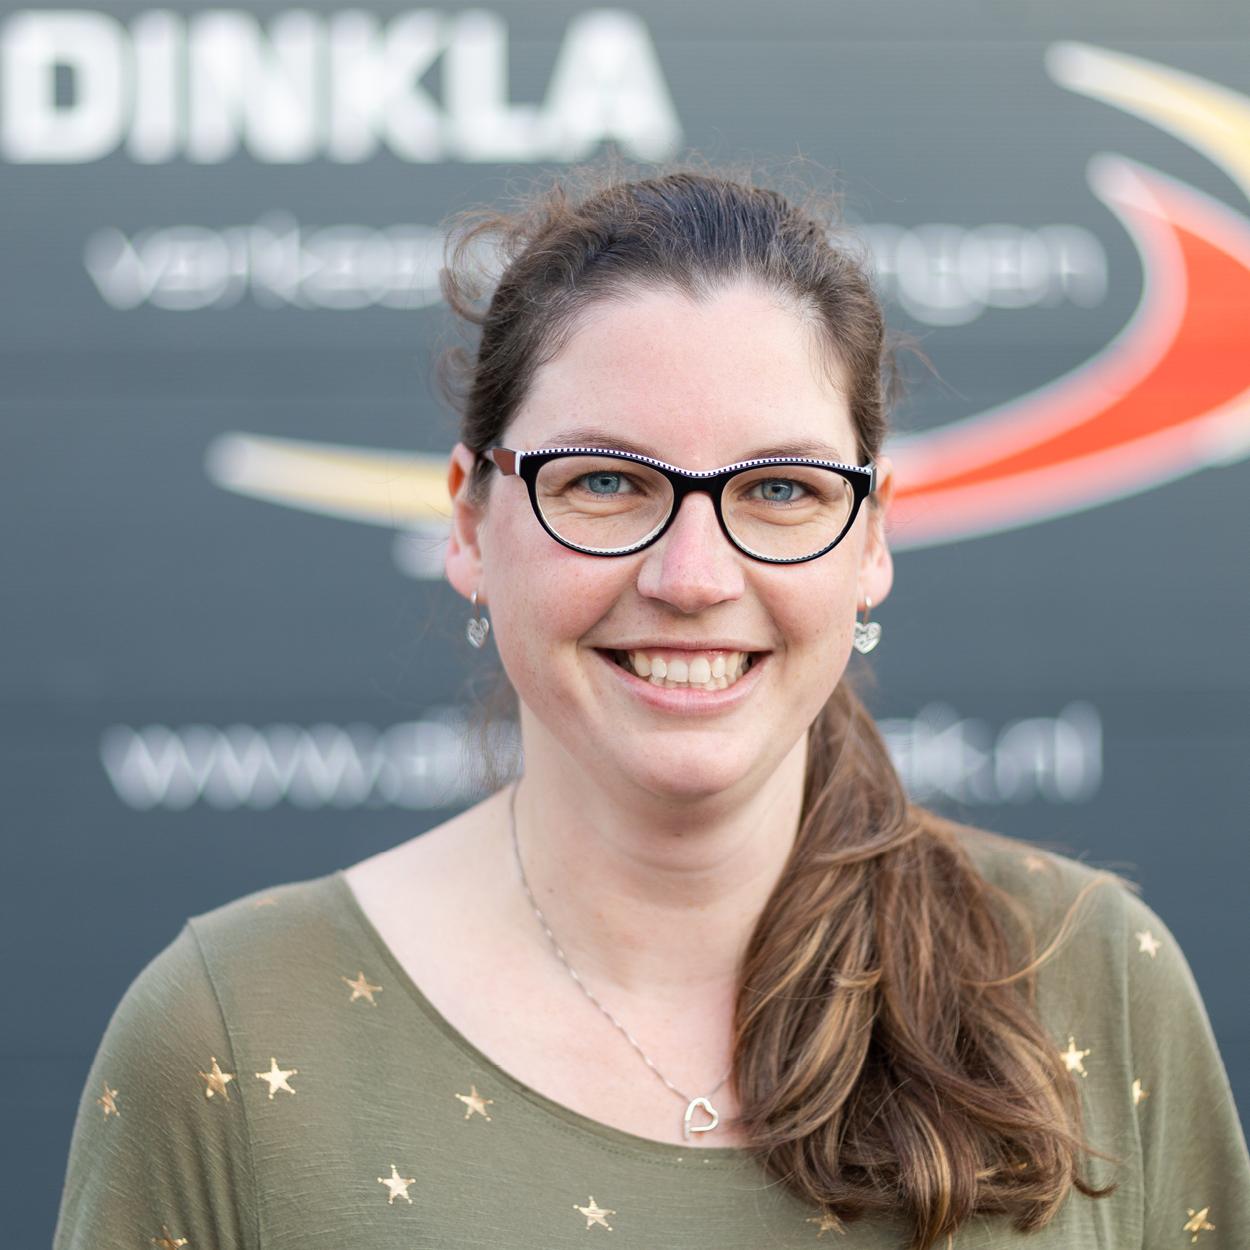 Alicia de Jong